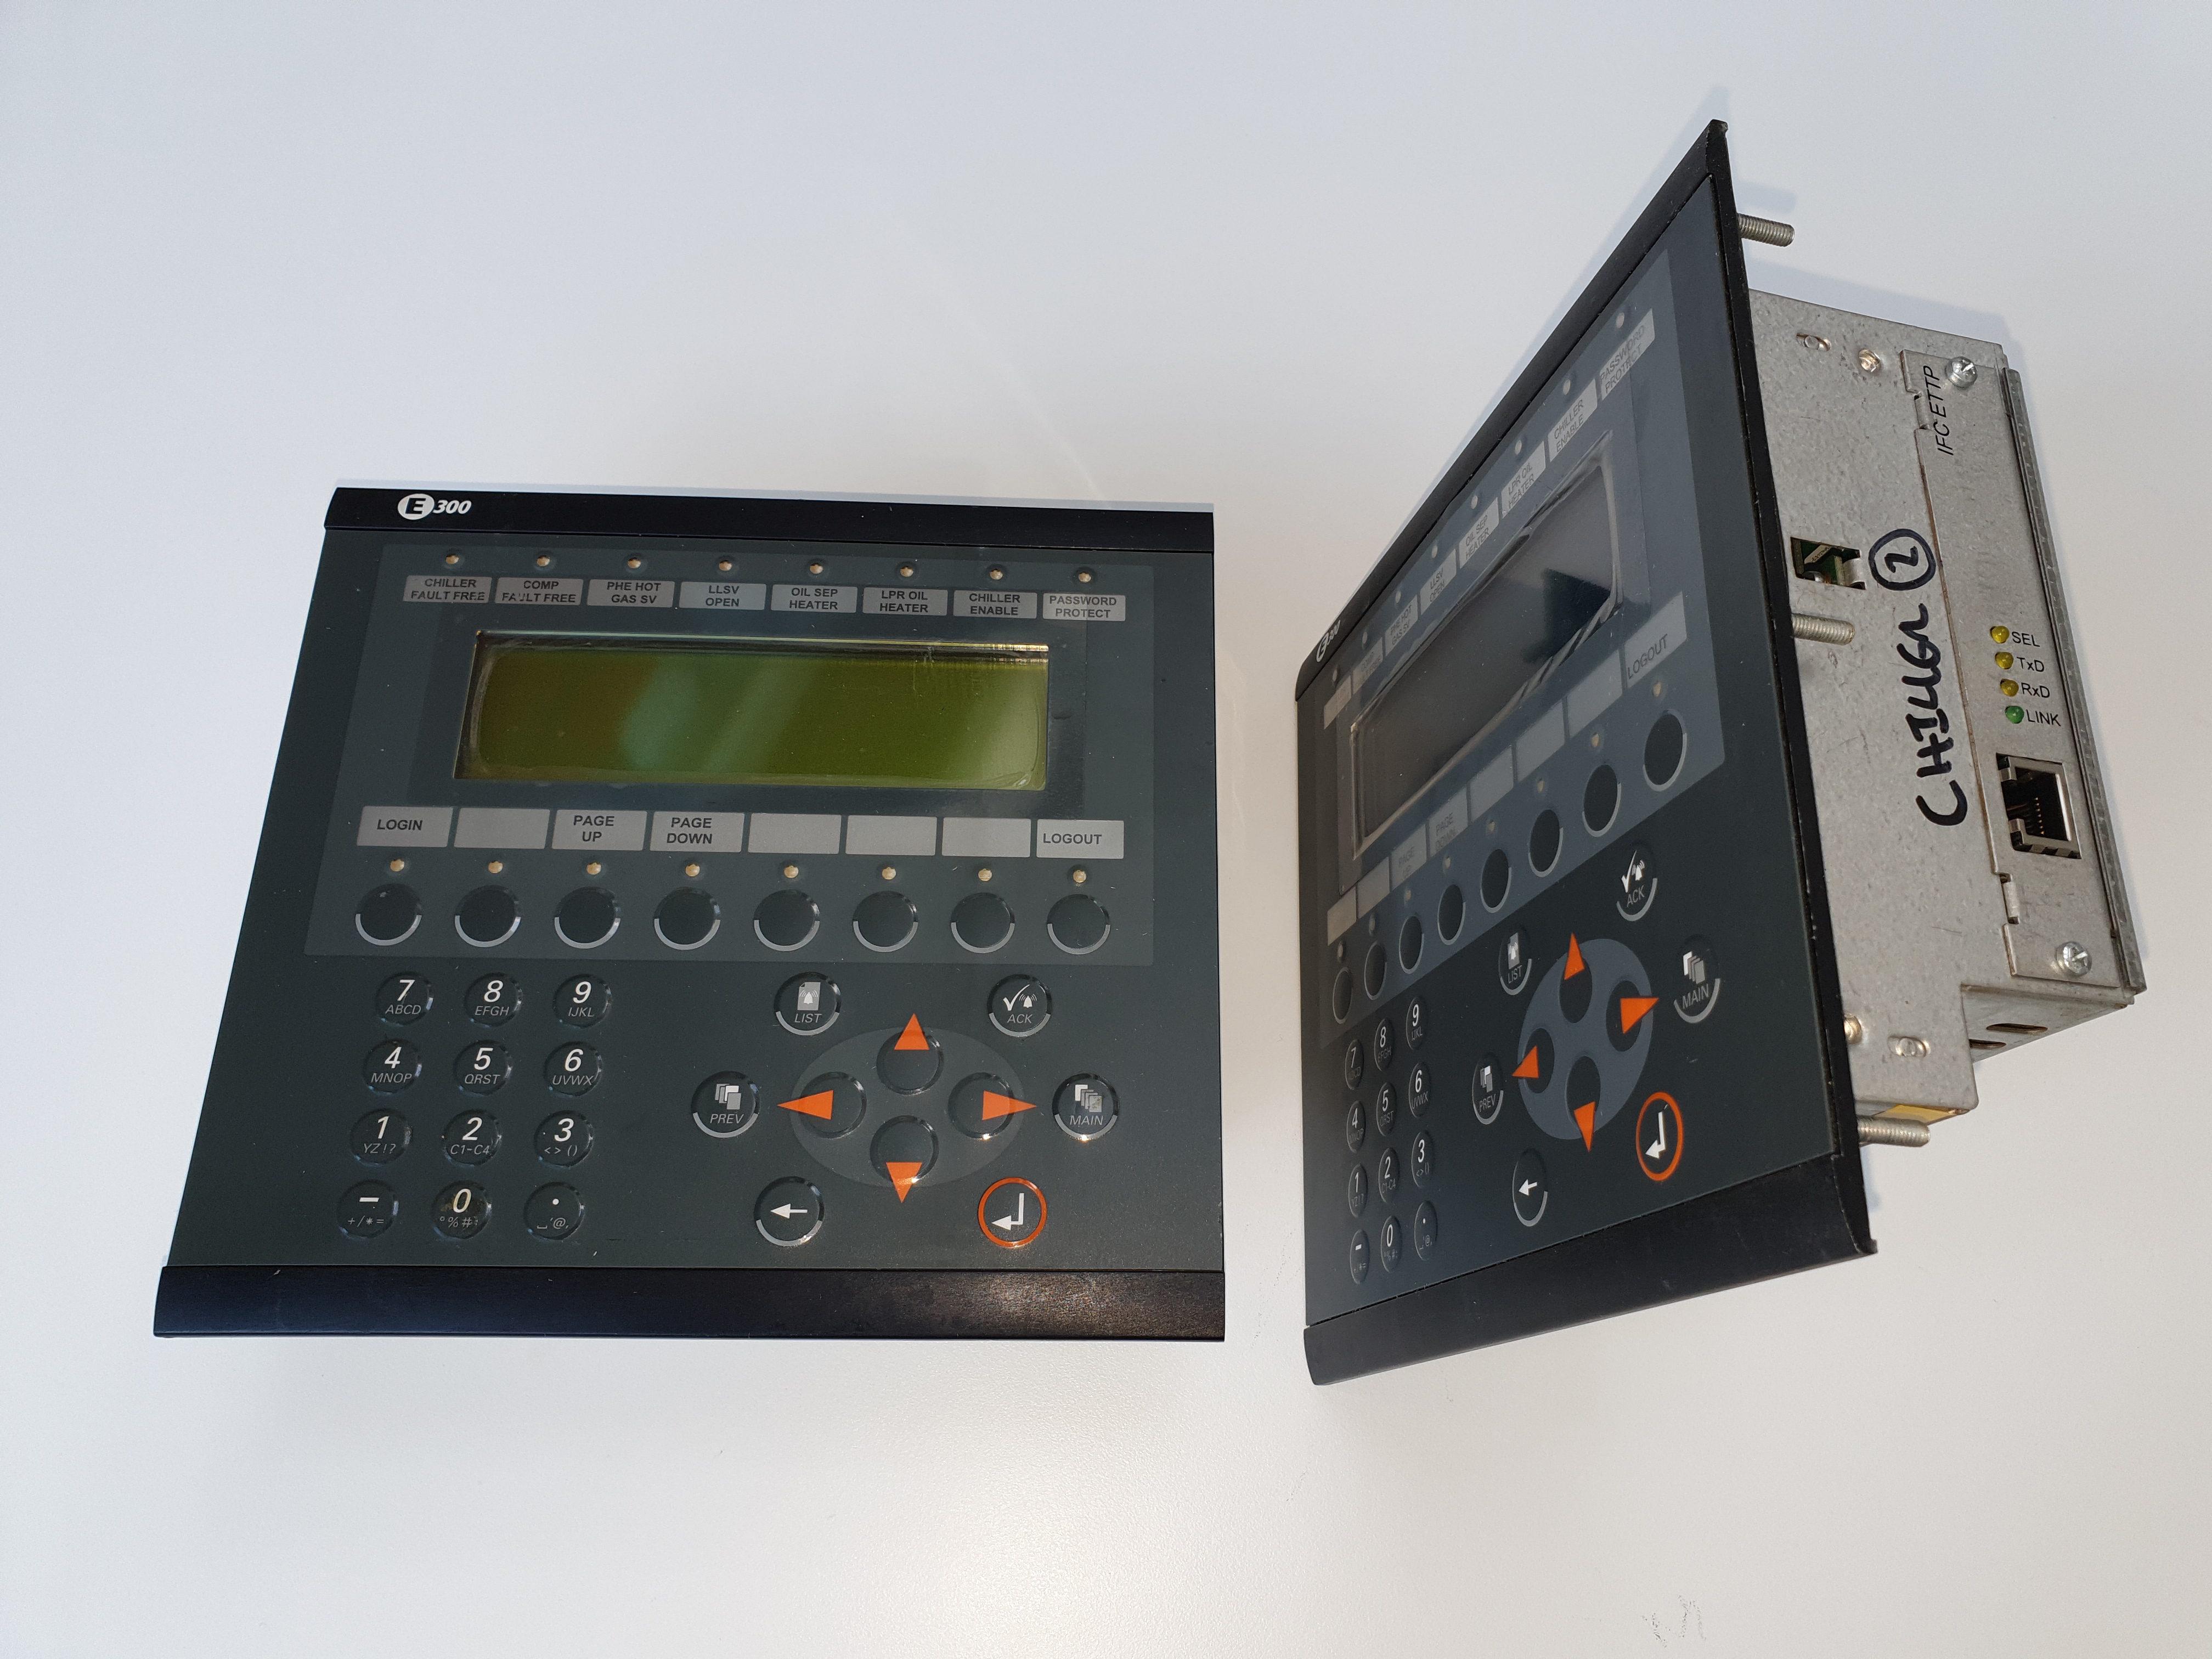 beijer-electronics PLC